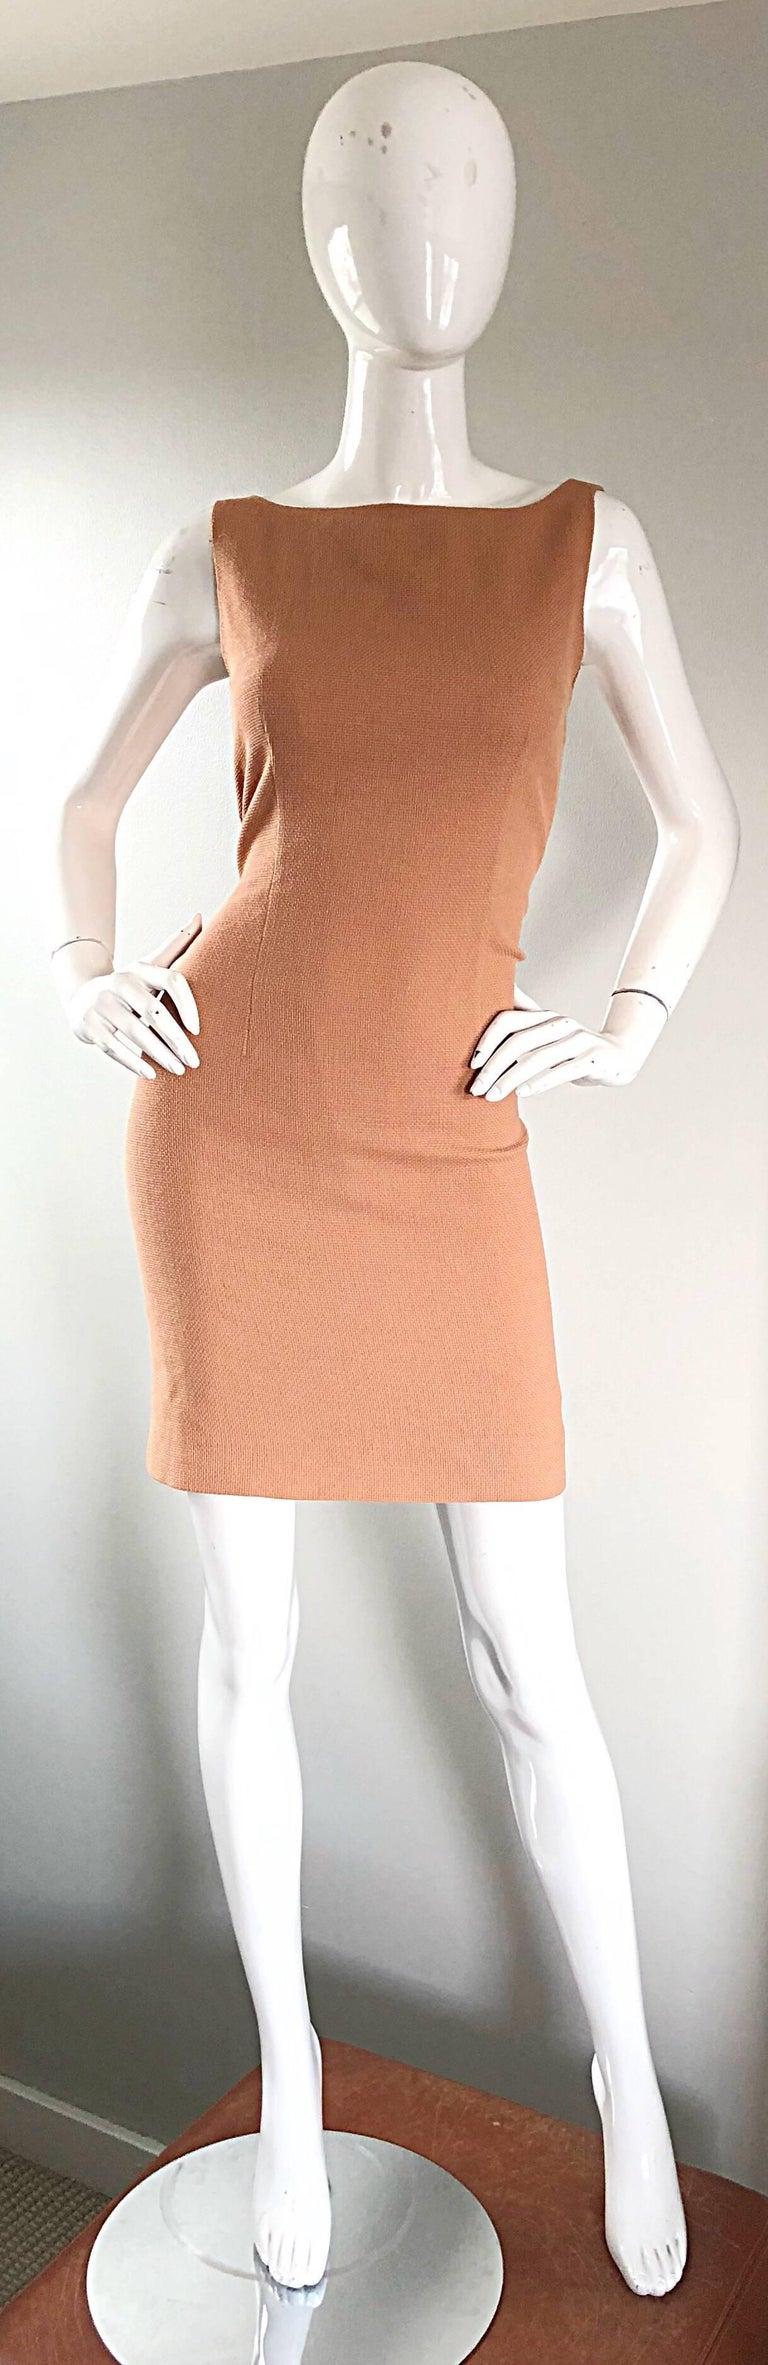 Luca Luca 1990s Terra Cotta Tan Sz 8 / 10 Virgin Wool Italian Vintage 90s Dress For Sale 4